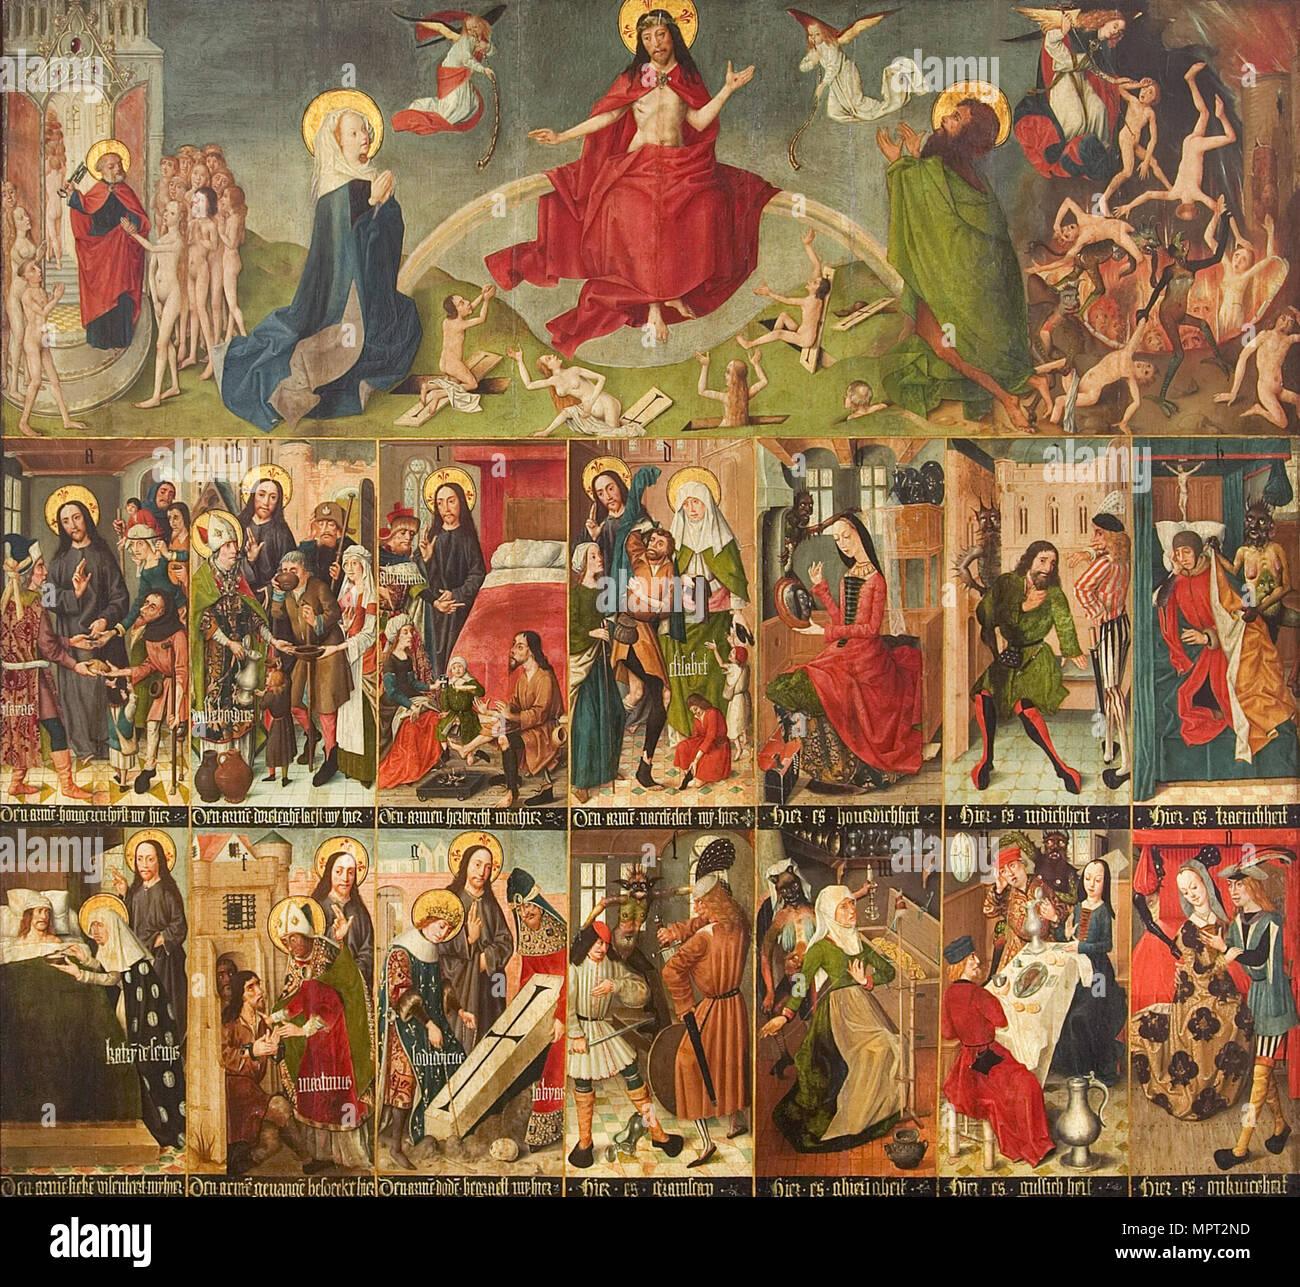 Ultima sentenza, le sette opere di misericordia e i sette peccati capitali, c. 1490-1499. Immagini Stock